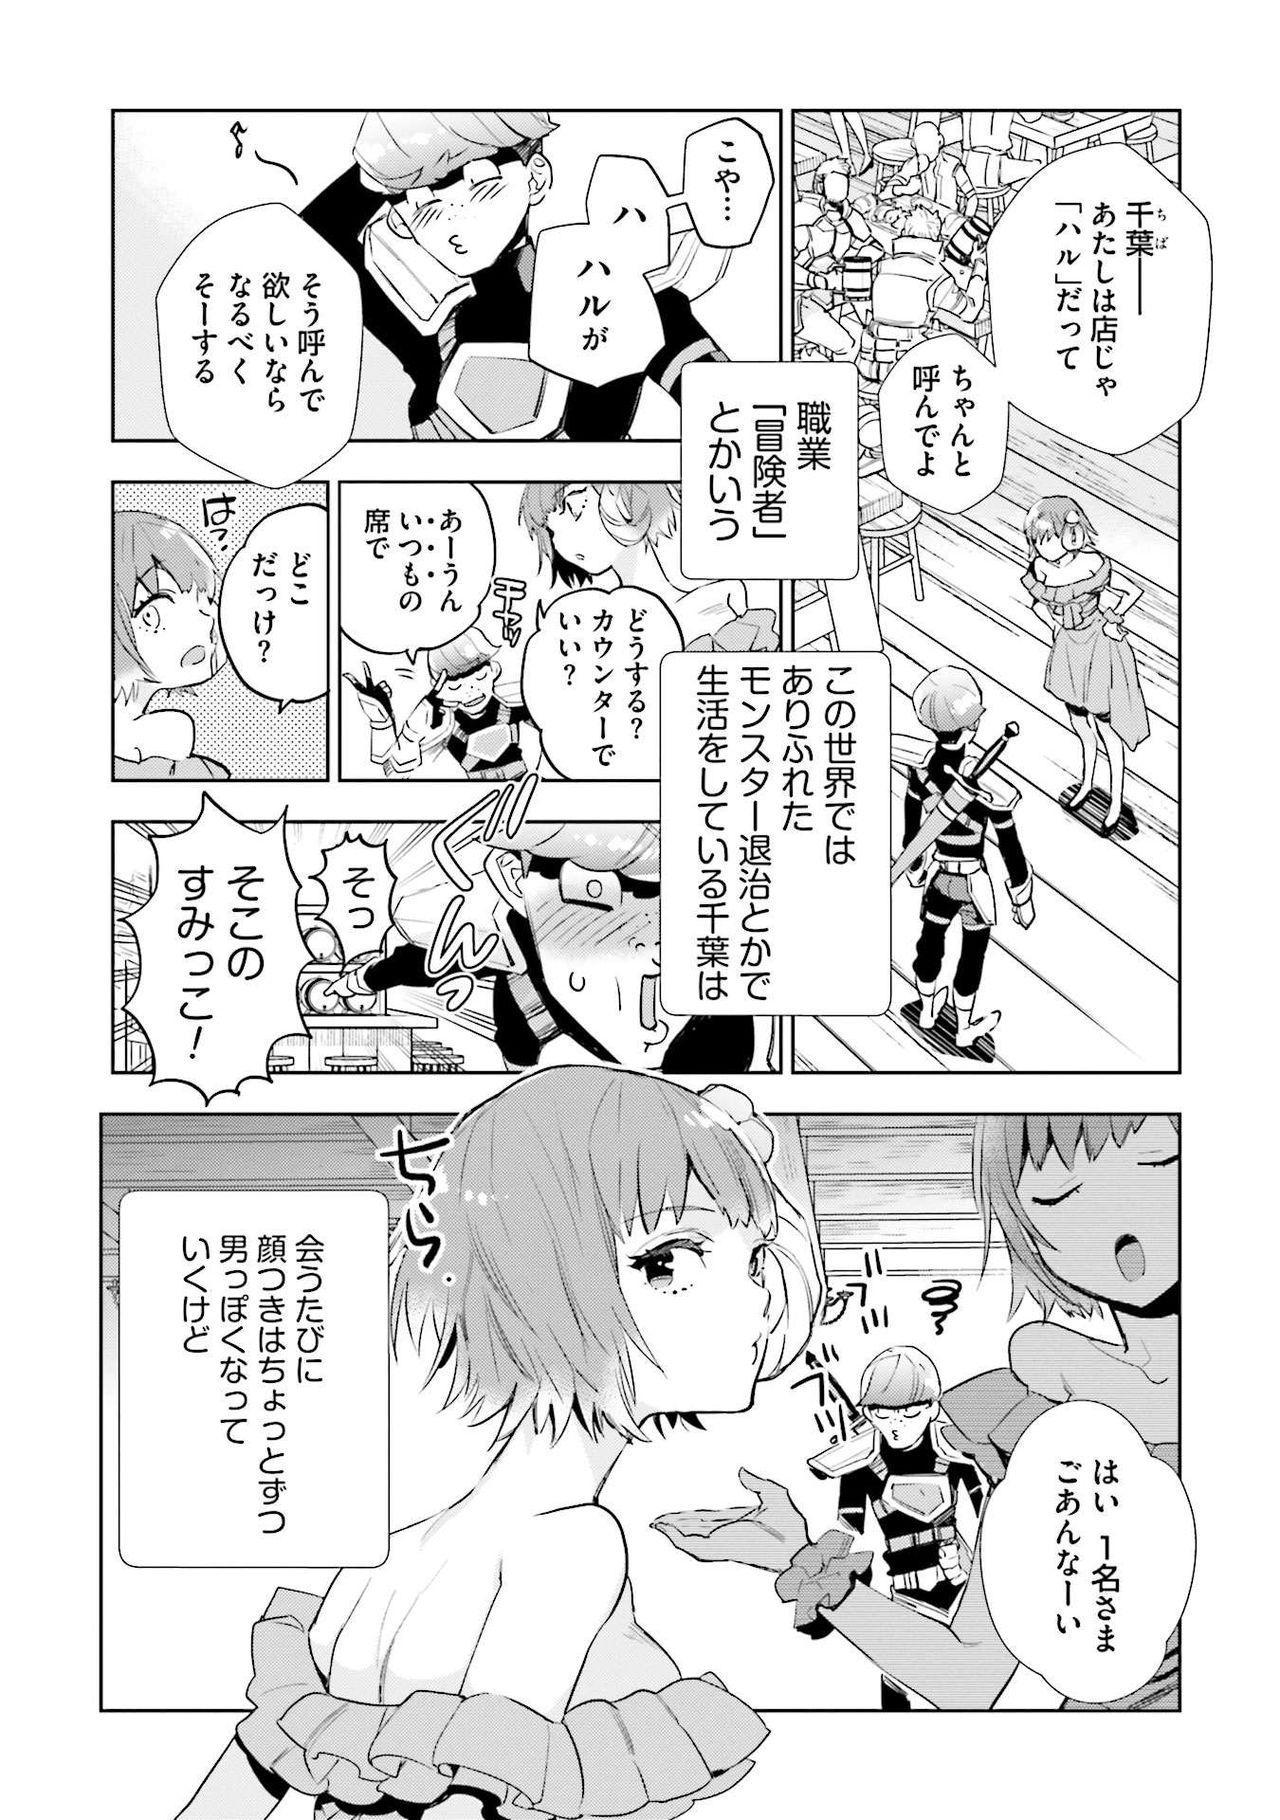 JK Haru wa Isekai de Shoufu ni Natta 1-14 14